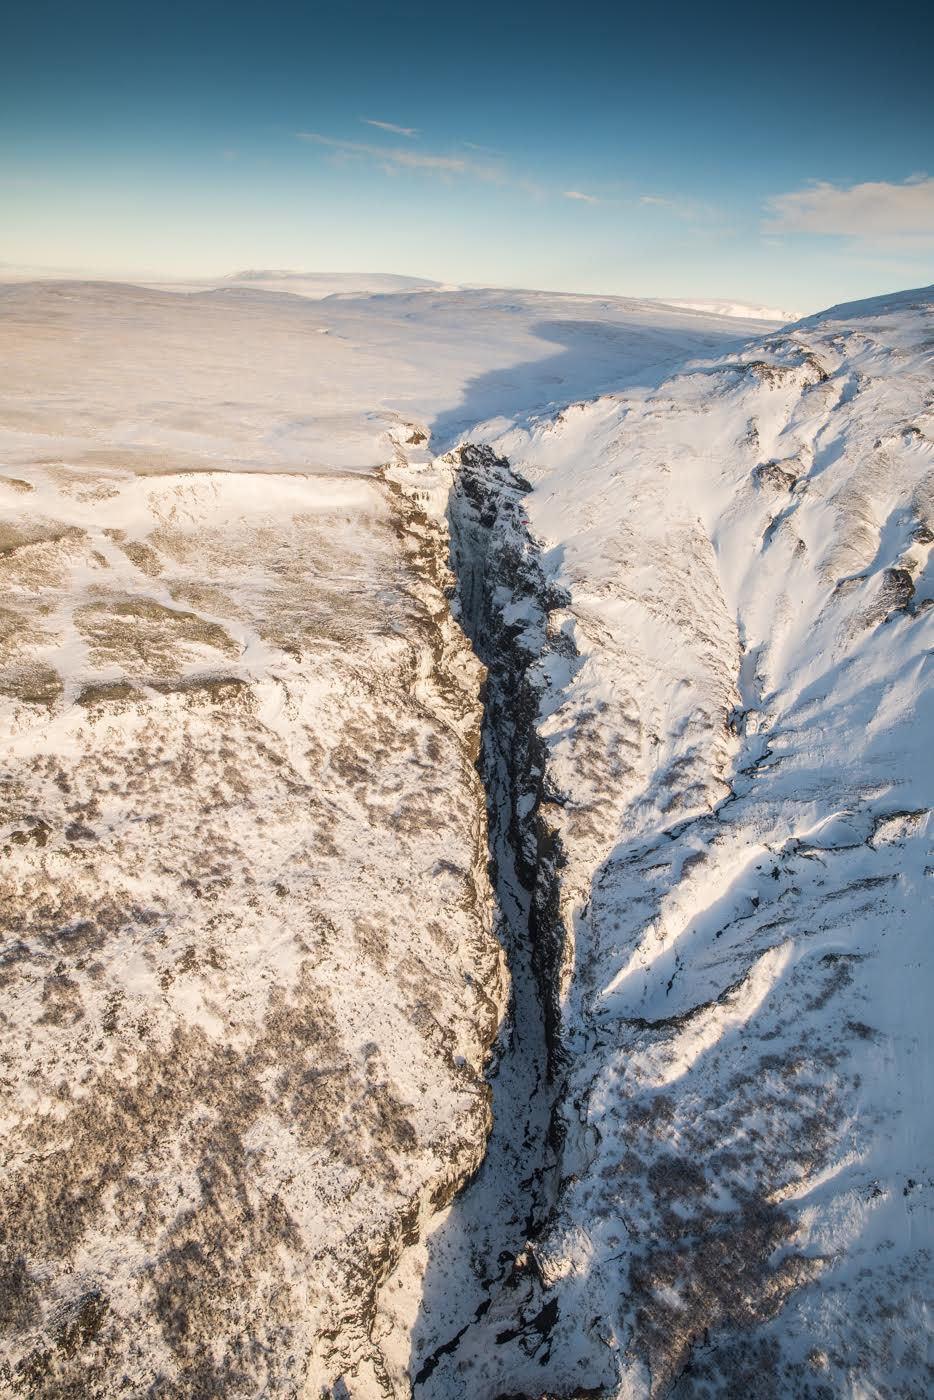 从直升机上俯瞰冰岛风光,领略最奇妙的自然纹理。